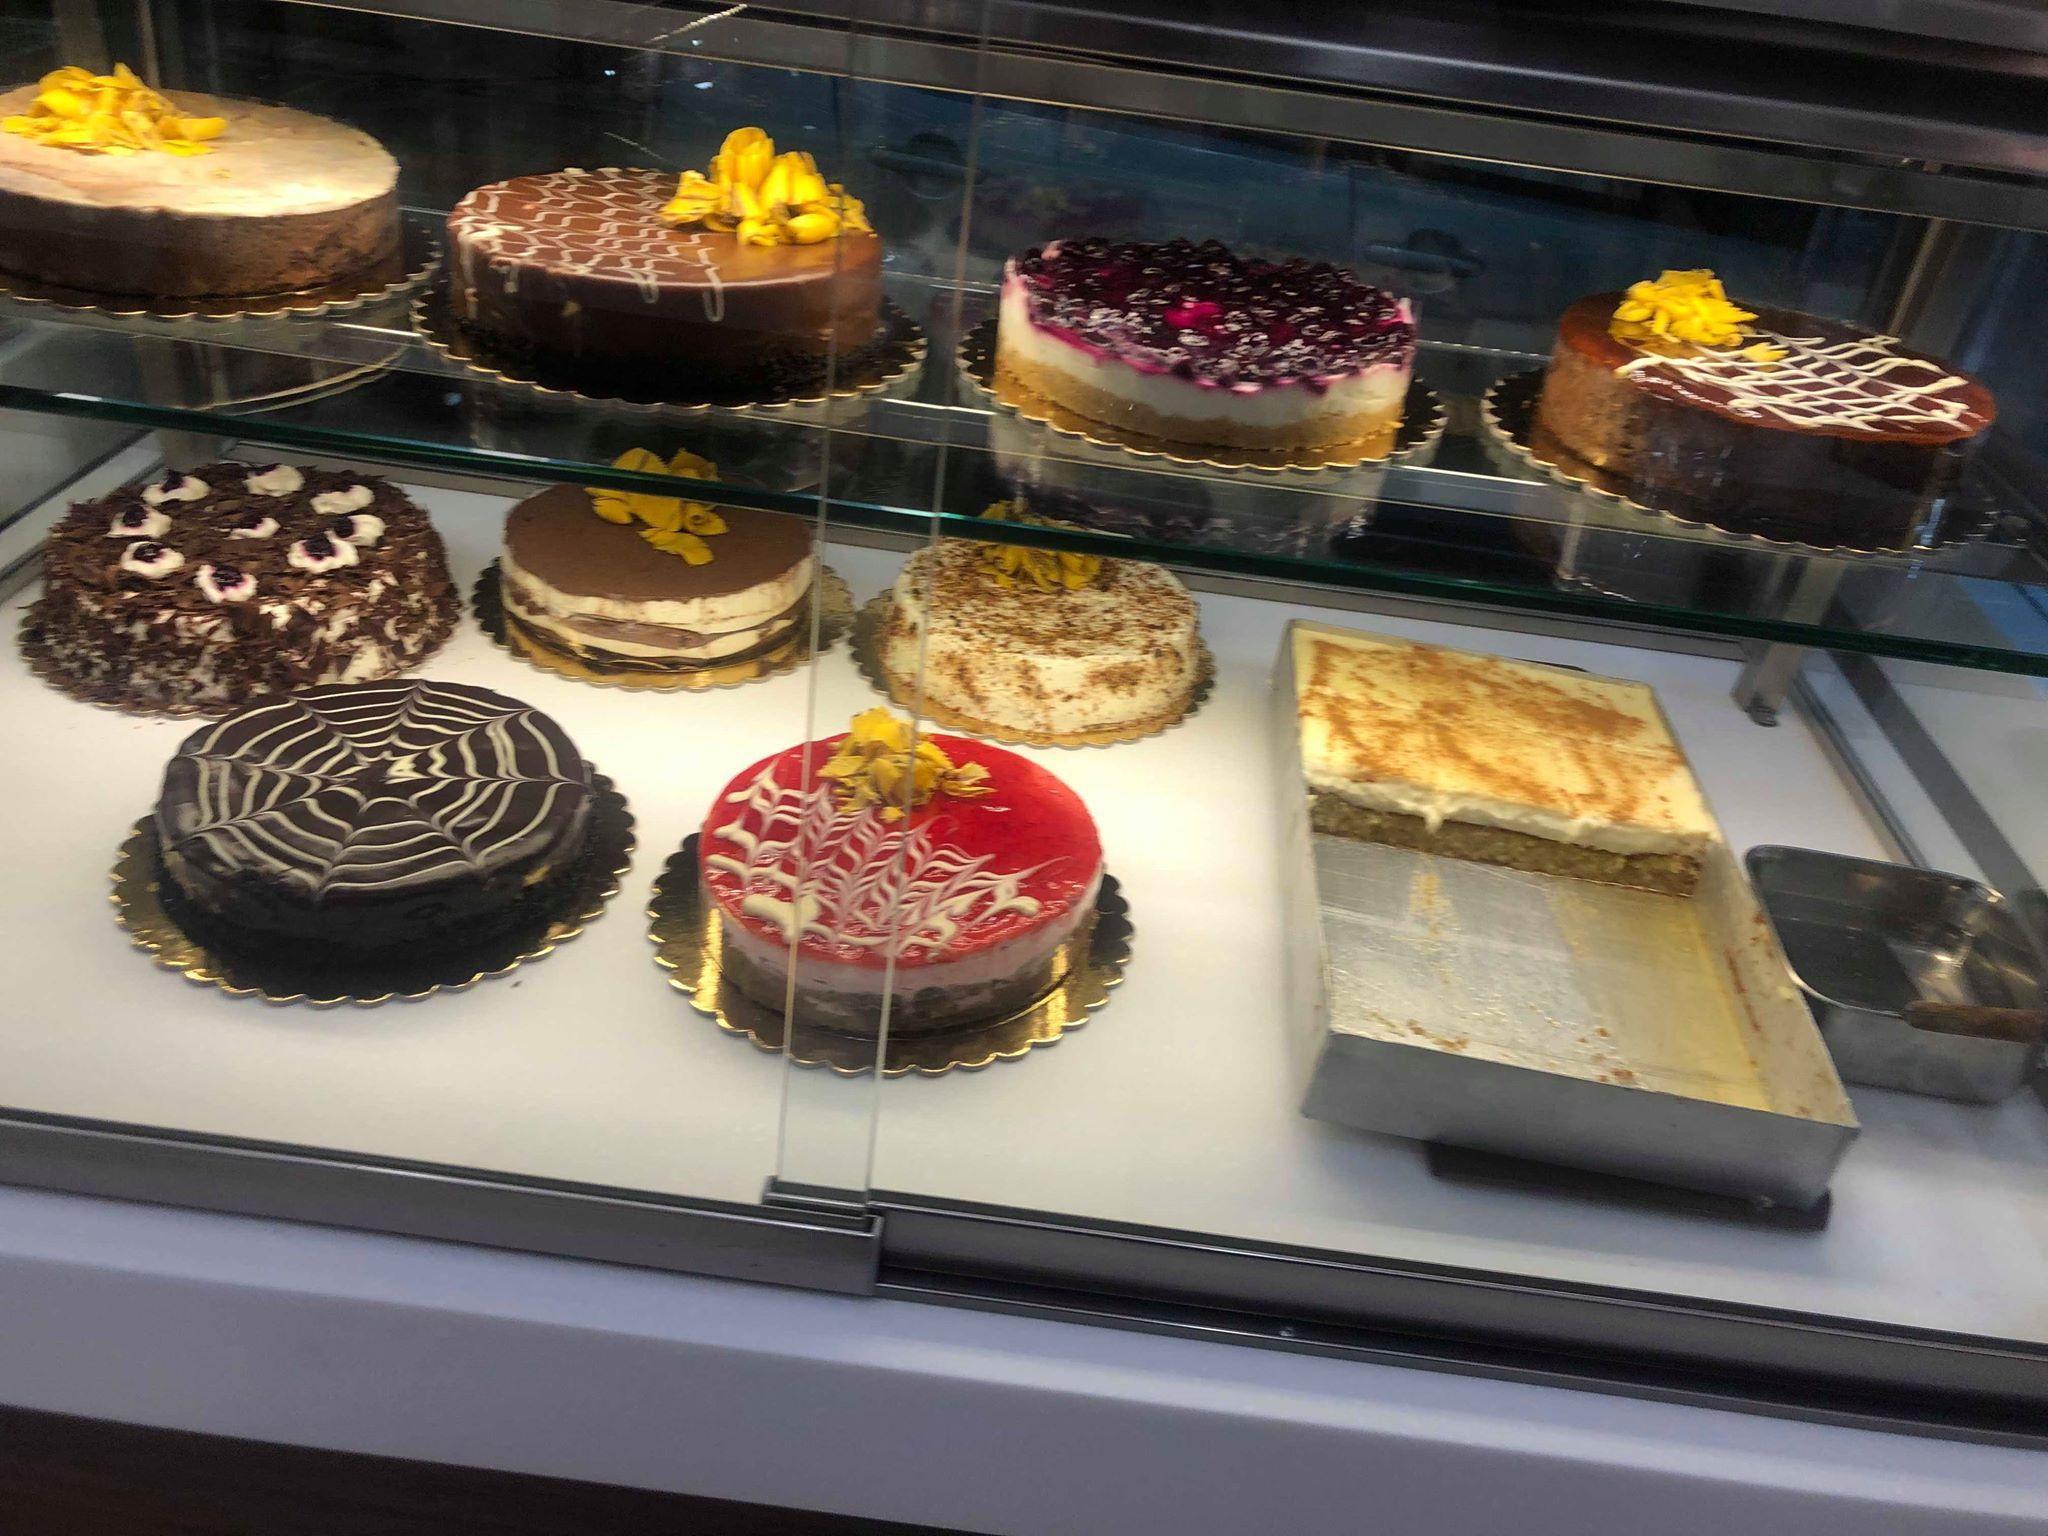 Άνοιξε το ανακαινισμένο ζαχαροπλαστείο «Pleasure» στην Κοζάνη